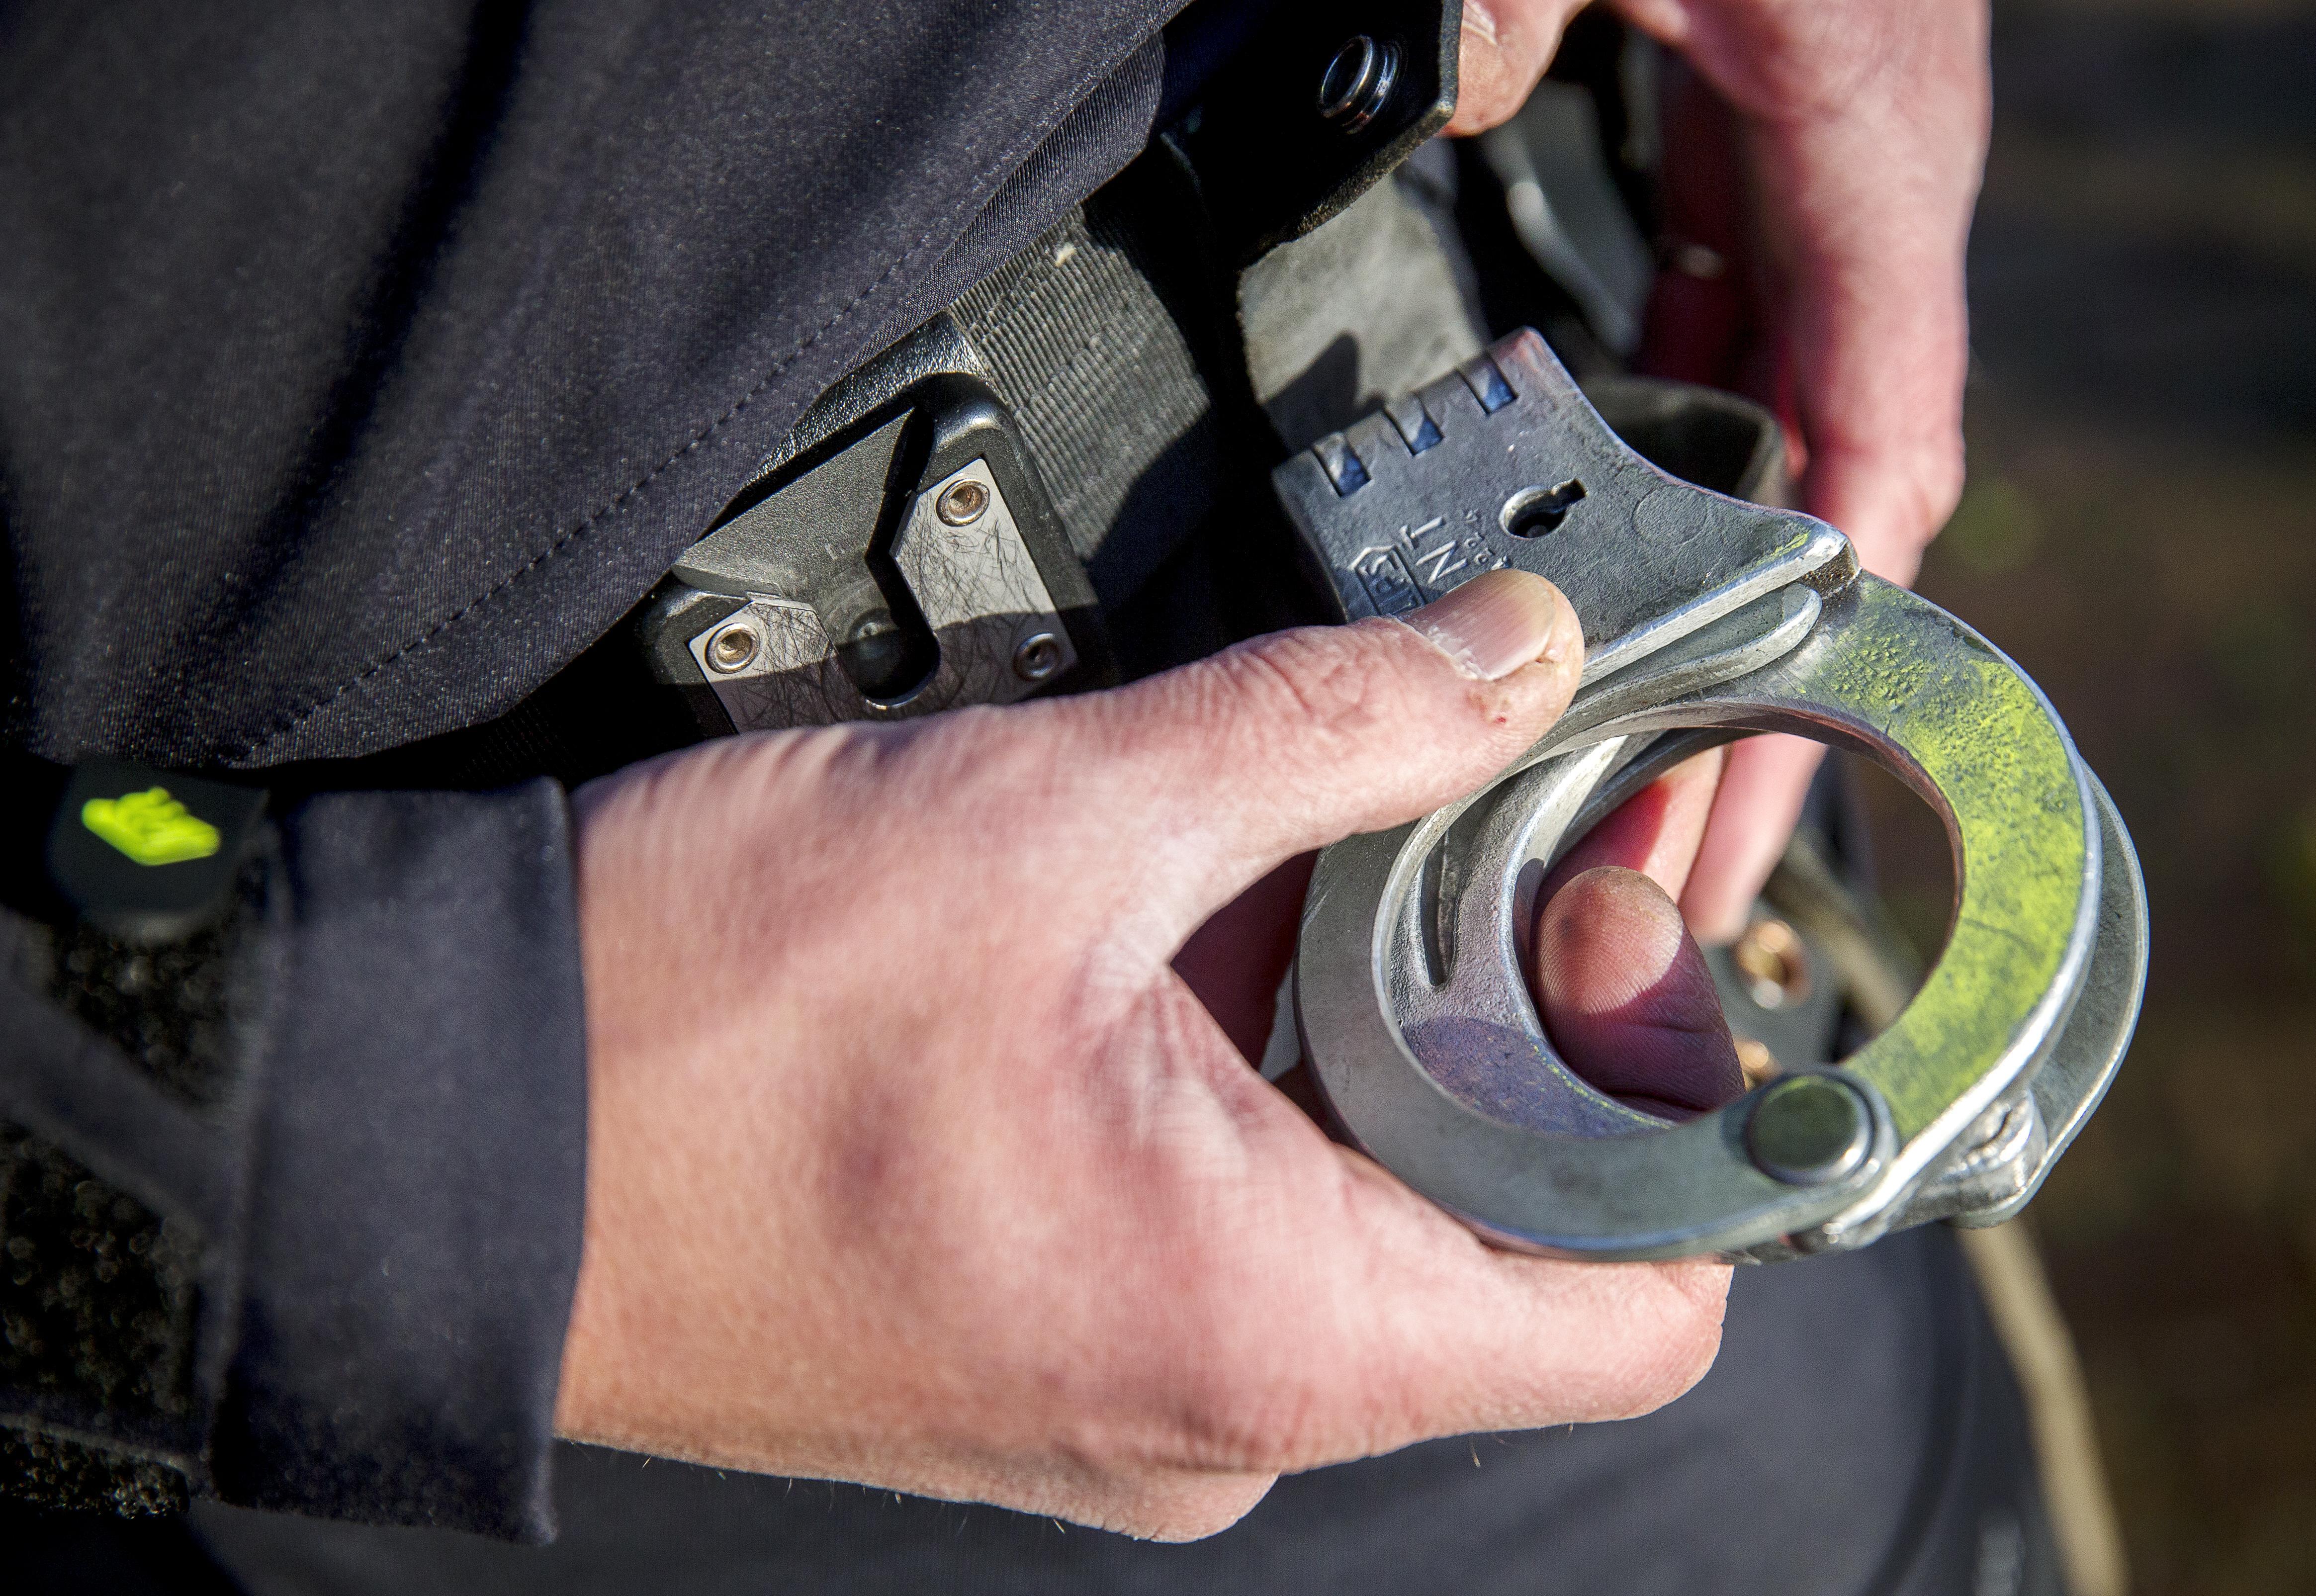 30-jarige man aangehouden in Zaandijk voor phishing; verdachte heeft ruim 4 ton weten af te troggelen door te reageren op Marktplaats-advertenties